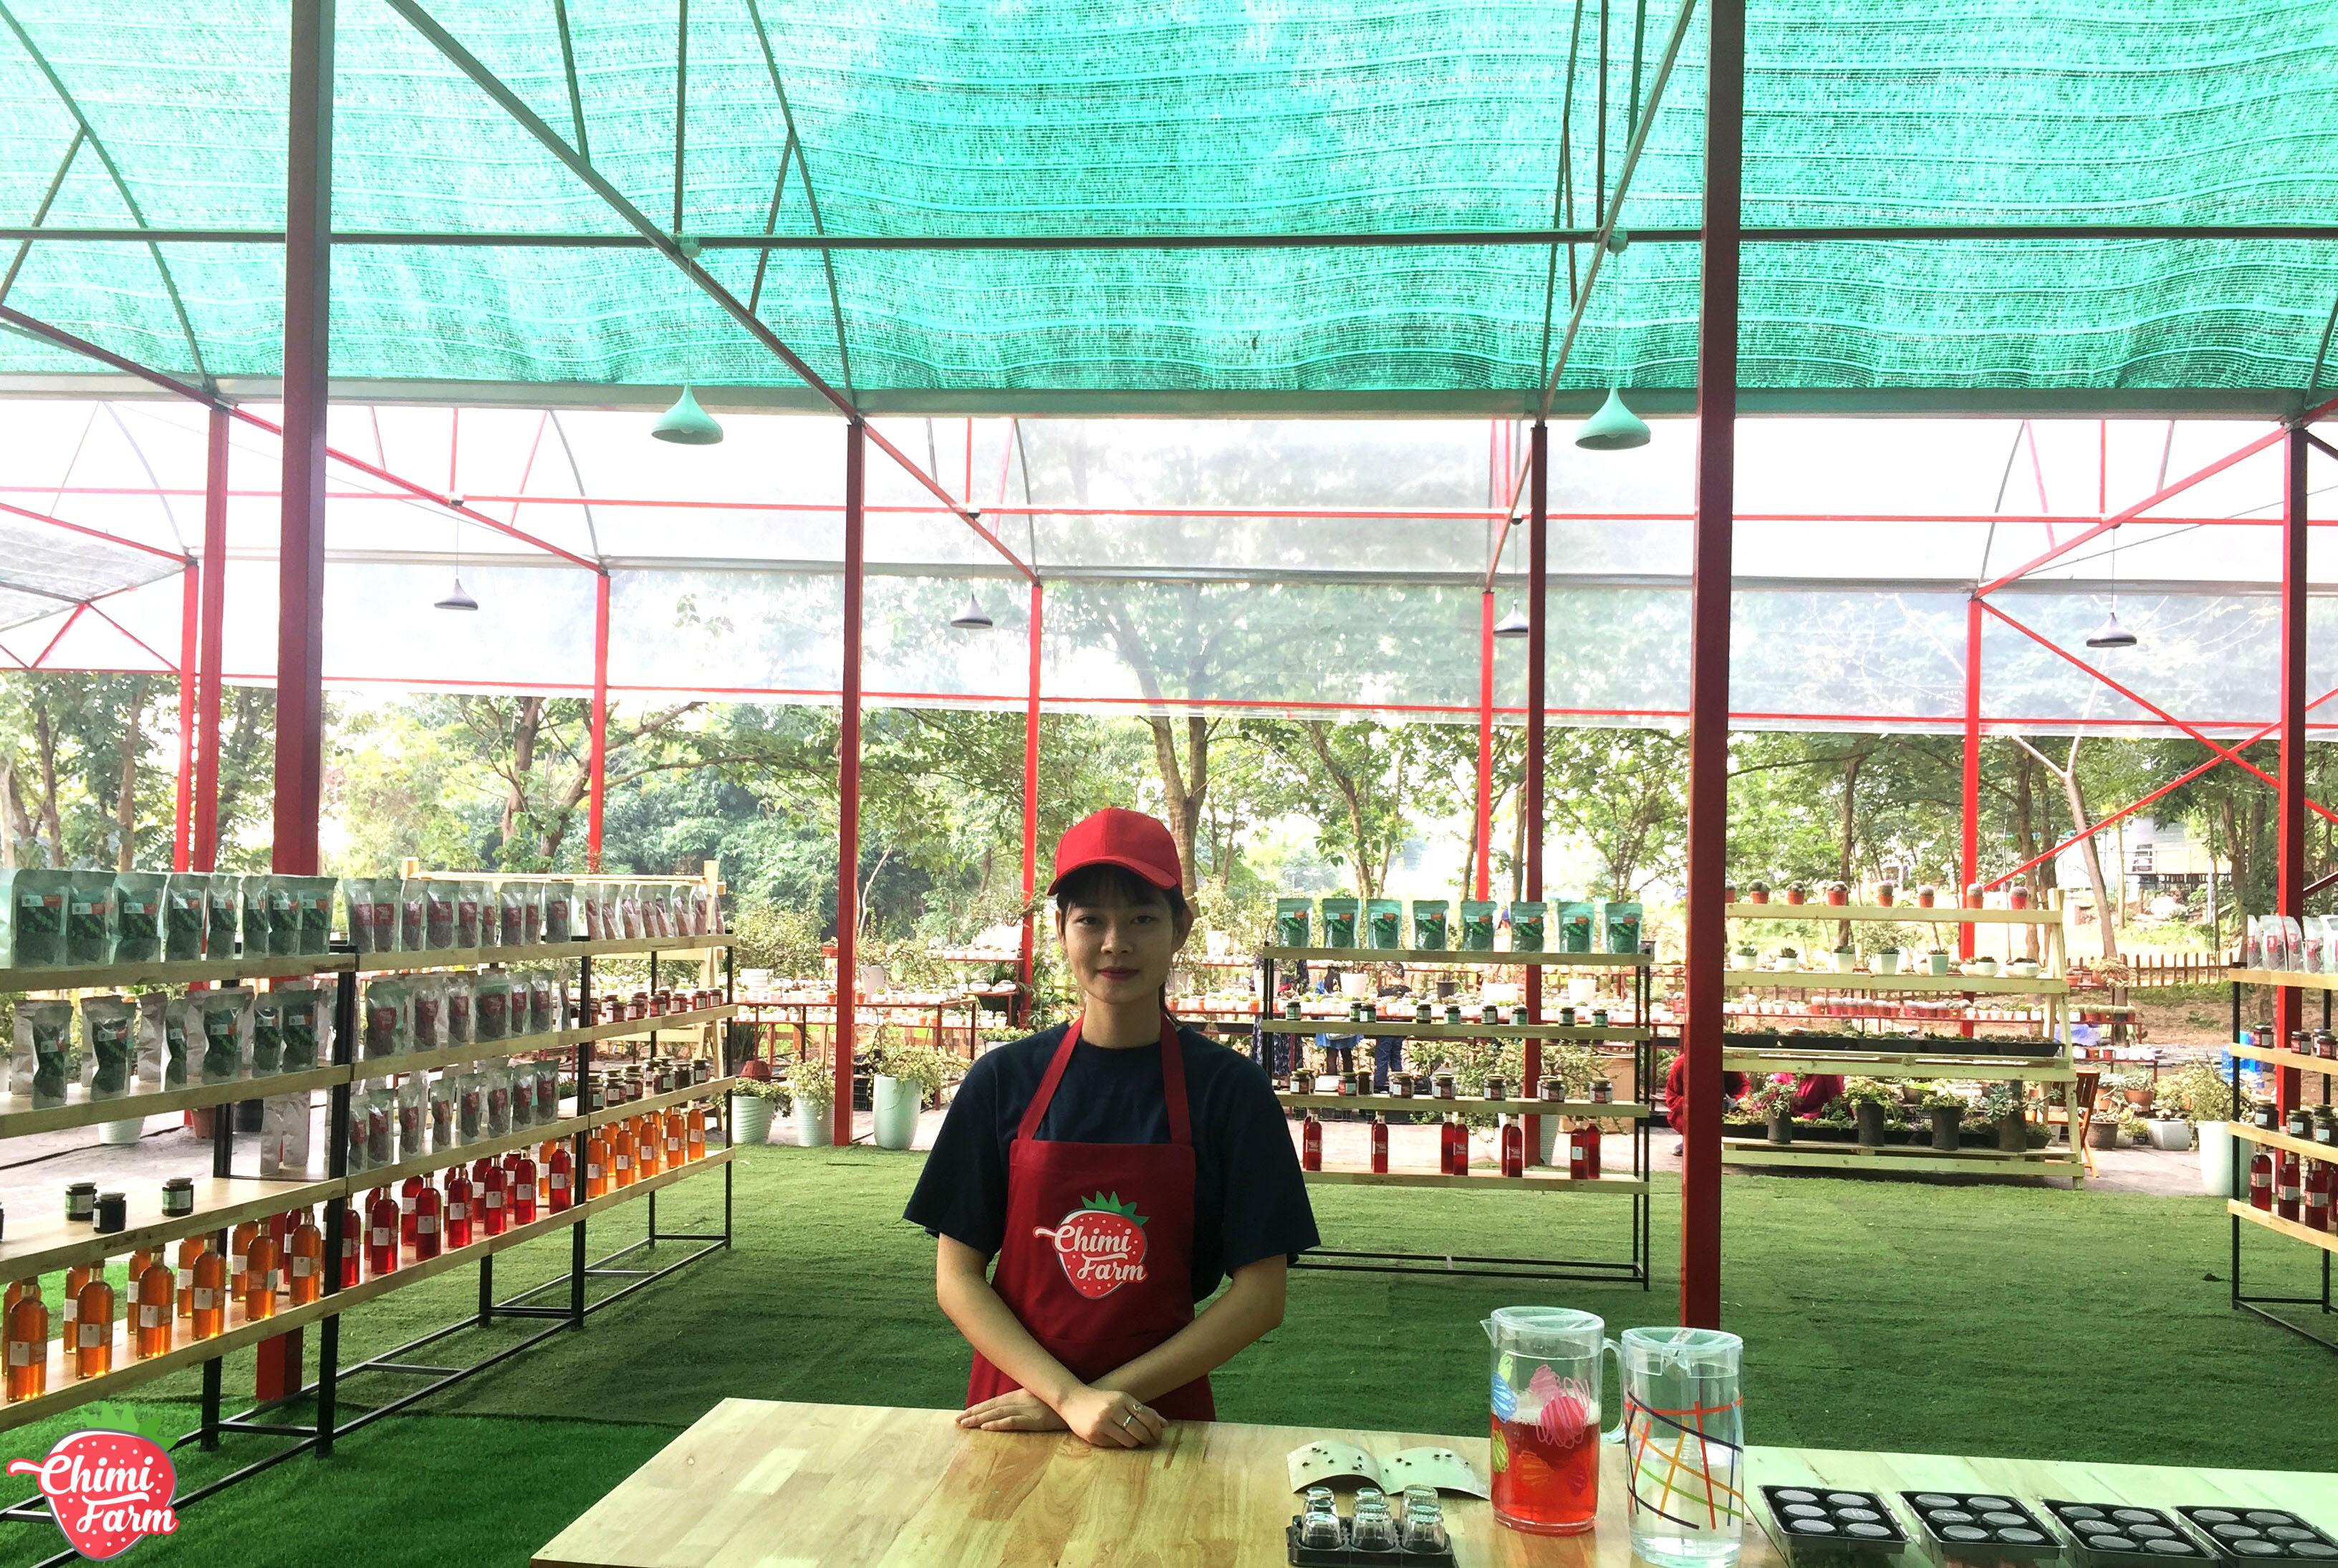 Nhân viên của Chimi Farm luôn thân thiện và mến khách